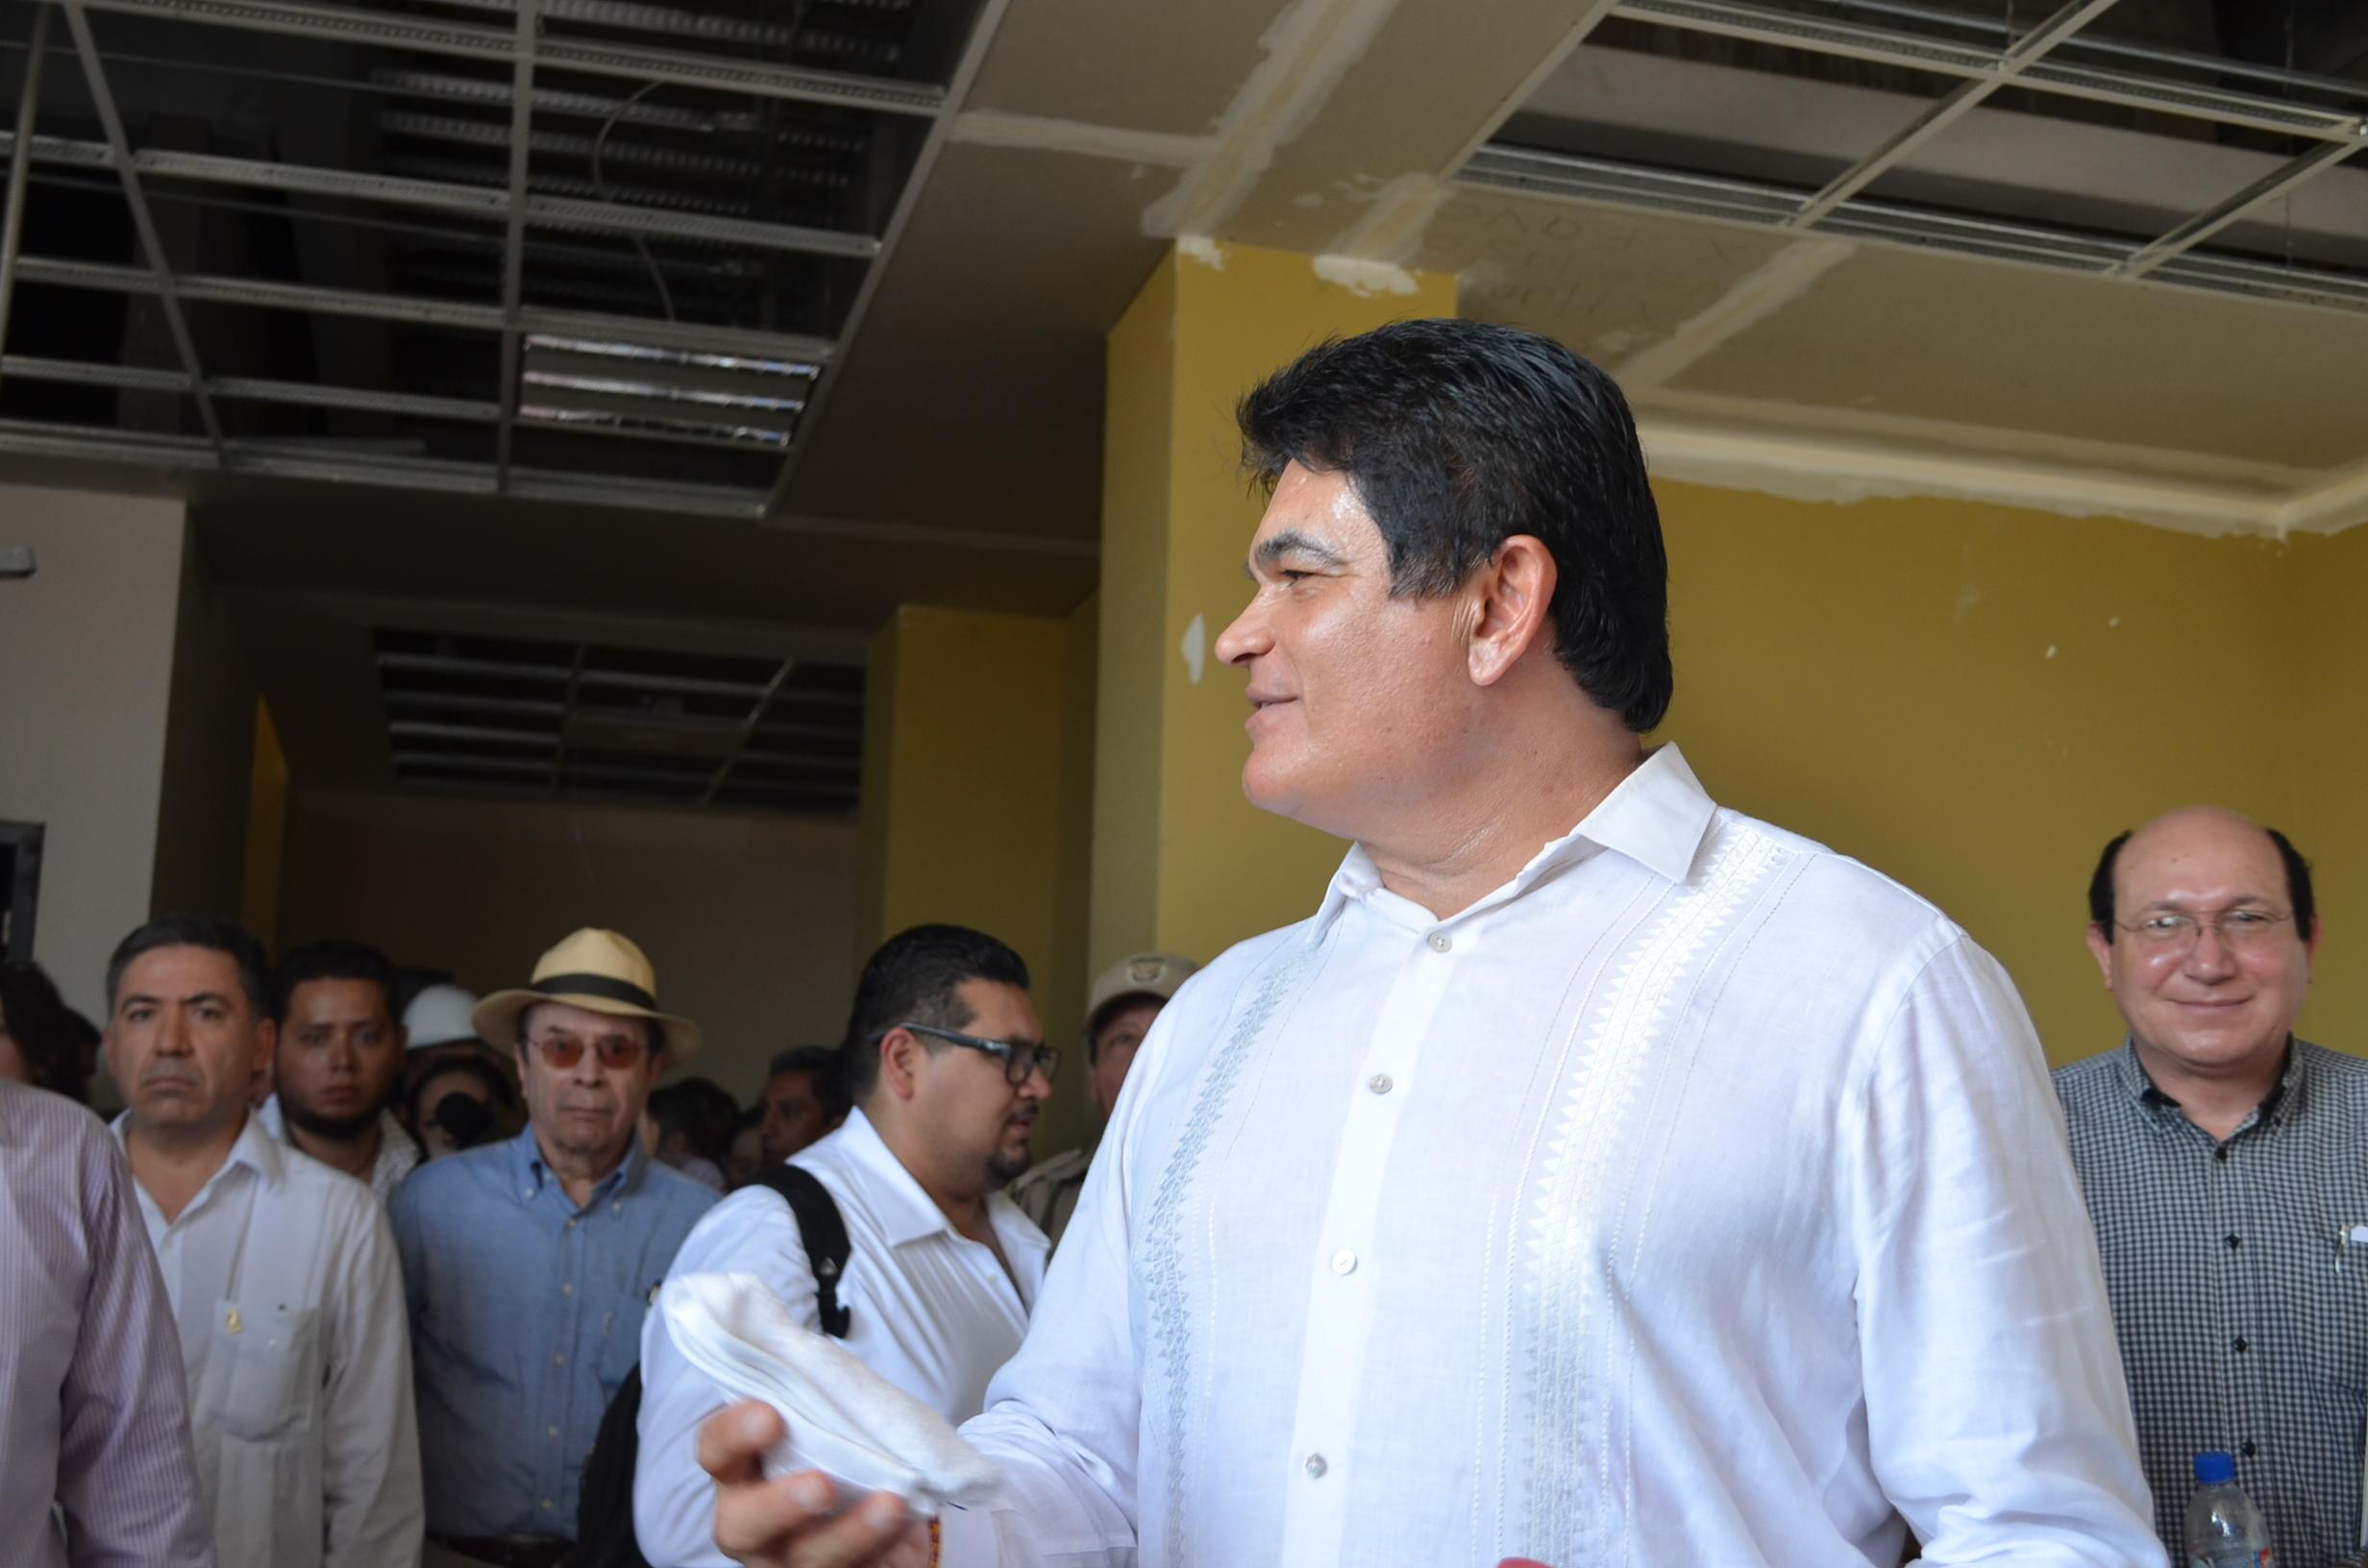 Mario López Valdez en los nuevos edificios de justicia penal. Fotografia: Gabriela Sánchez